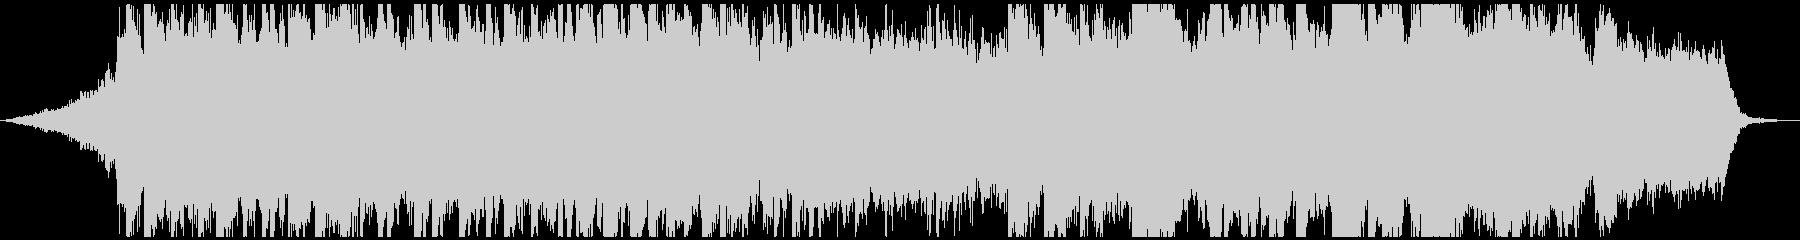 エモーショナルなピアノストリングスBGMの未再生の波形